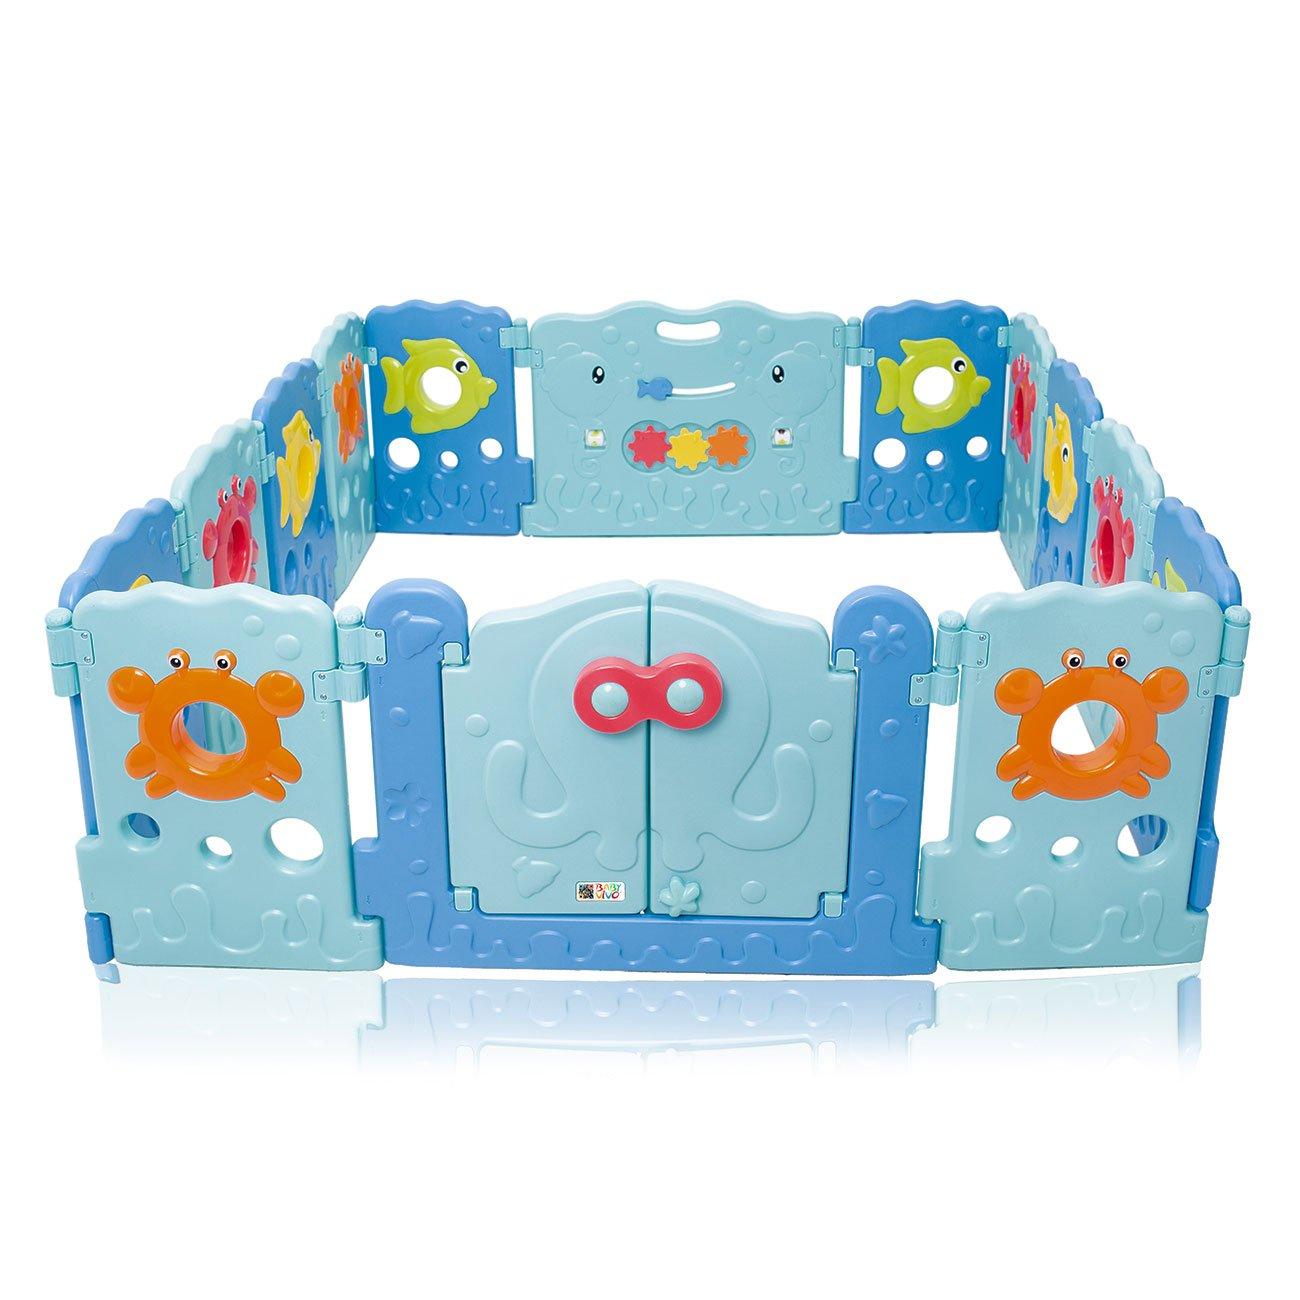 BABY VIVO Laufgitter Laufstall Baby Absperrgitter Krabbelgitter Schutzgitter für Kinder aus Kunststoff mit Tür und Spielzeug 14 Elemente